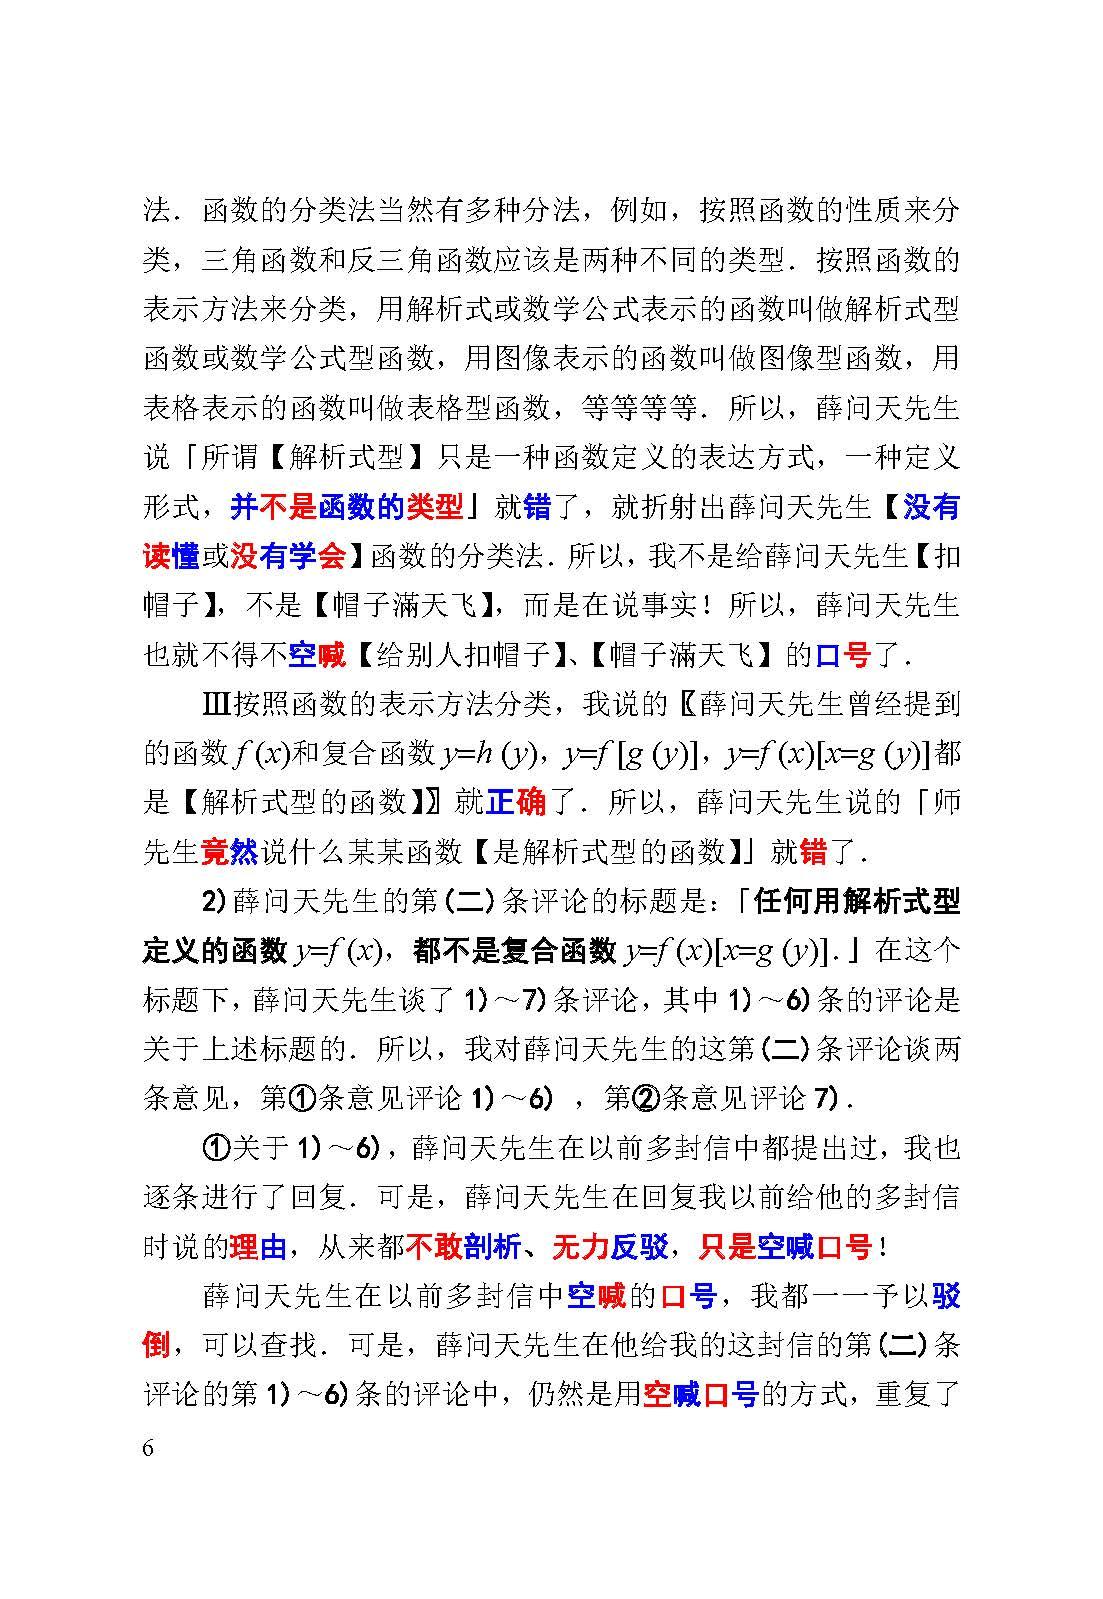 评薛问天先生的文章0428_页面_06.jpg